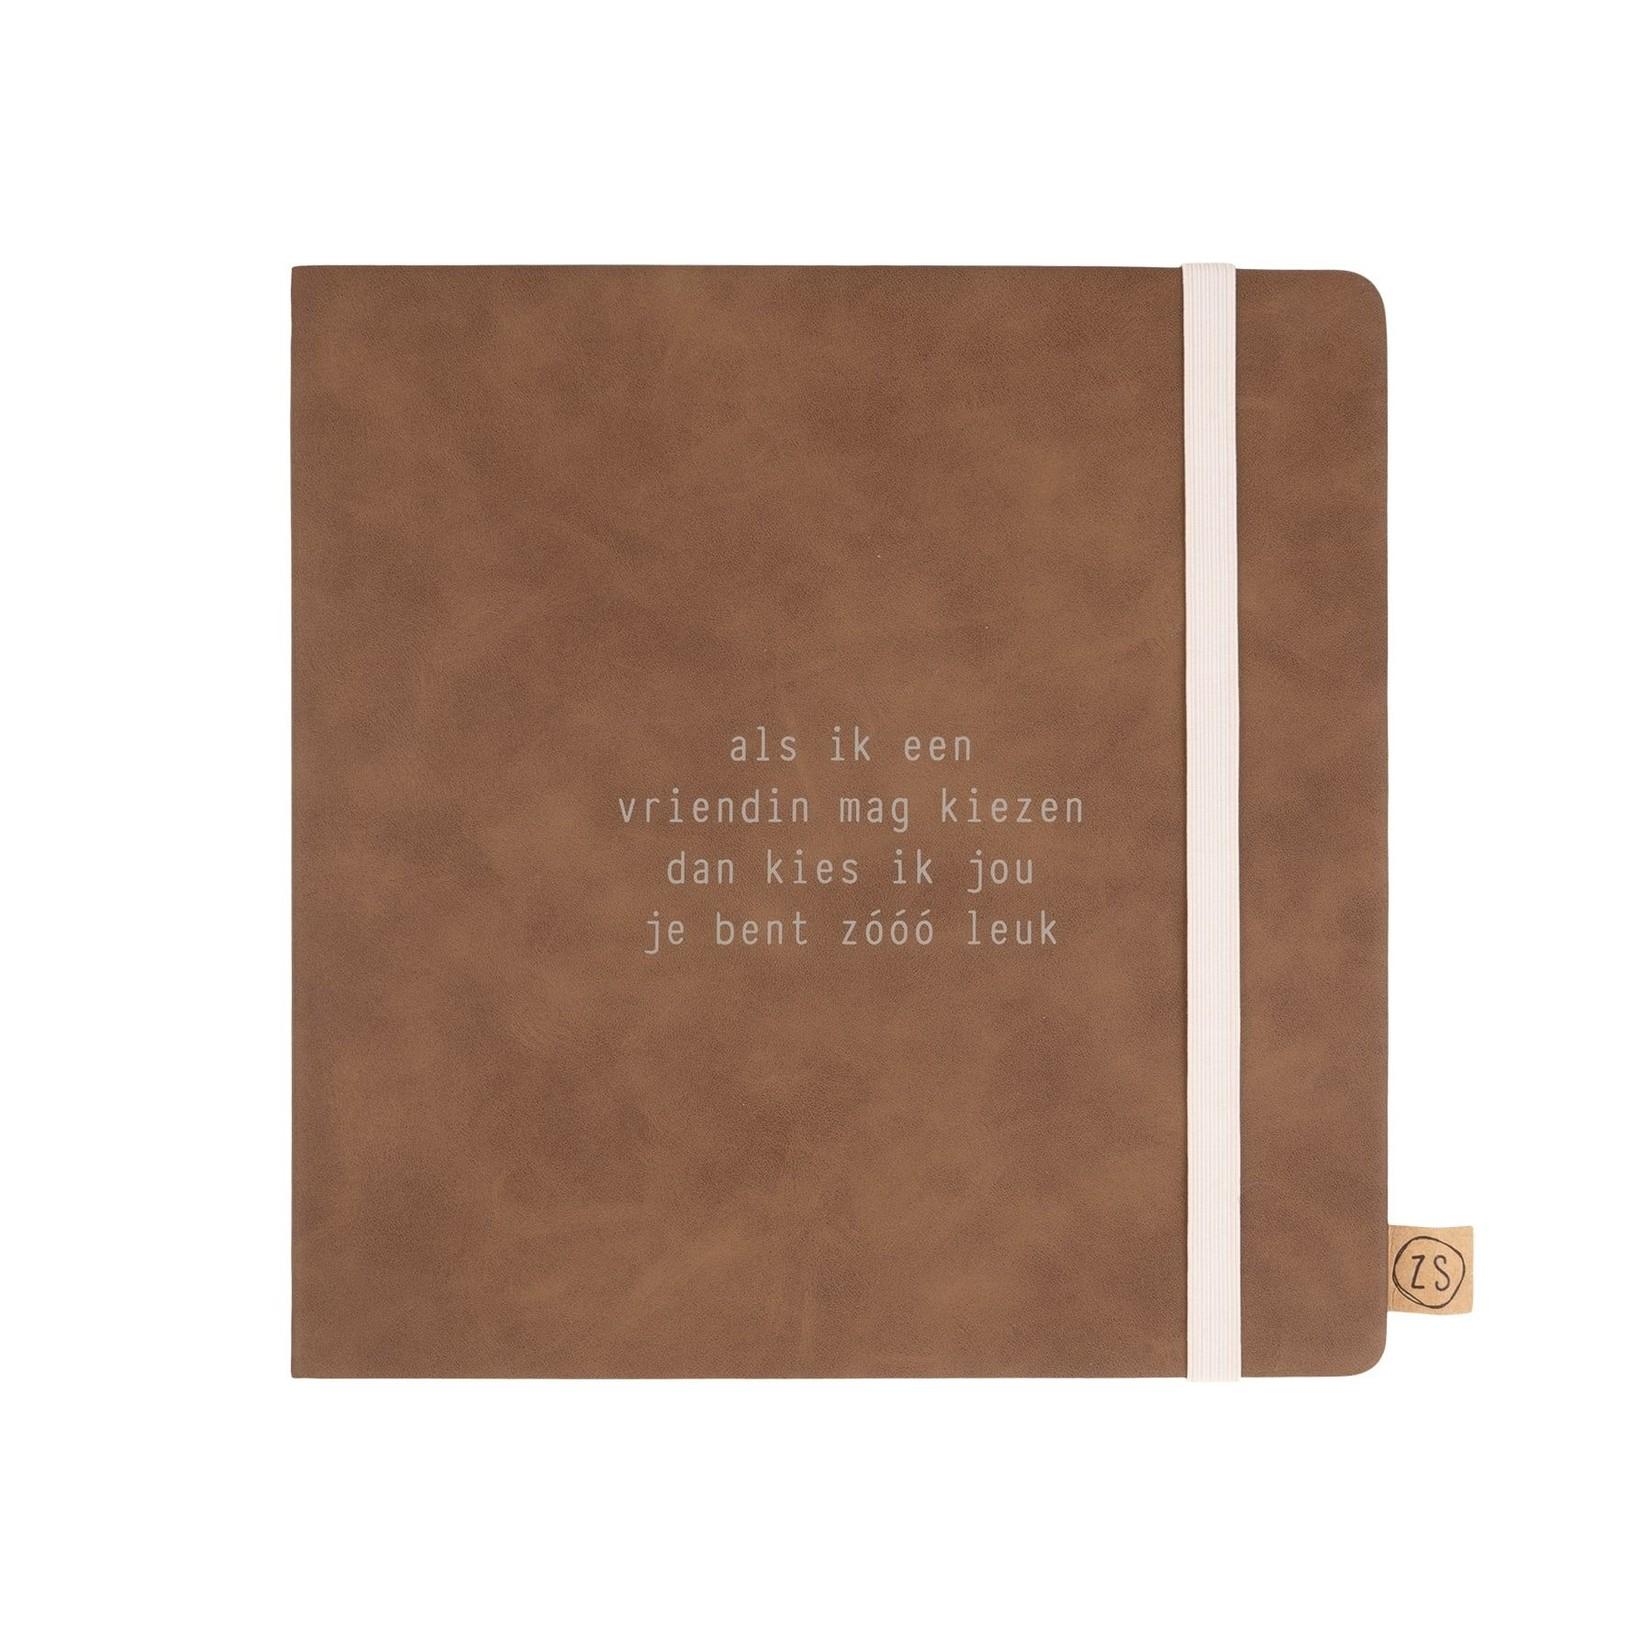 """Zusss Vriendinnenboek - """"Als ik een vriendin mag kiezen, ..."""" - Cognac"""